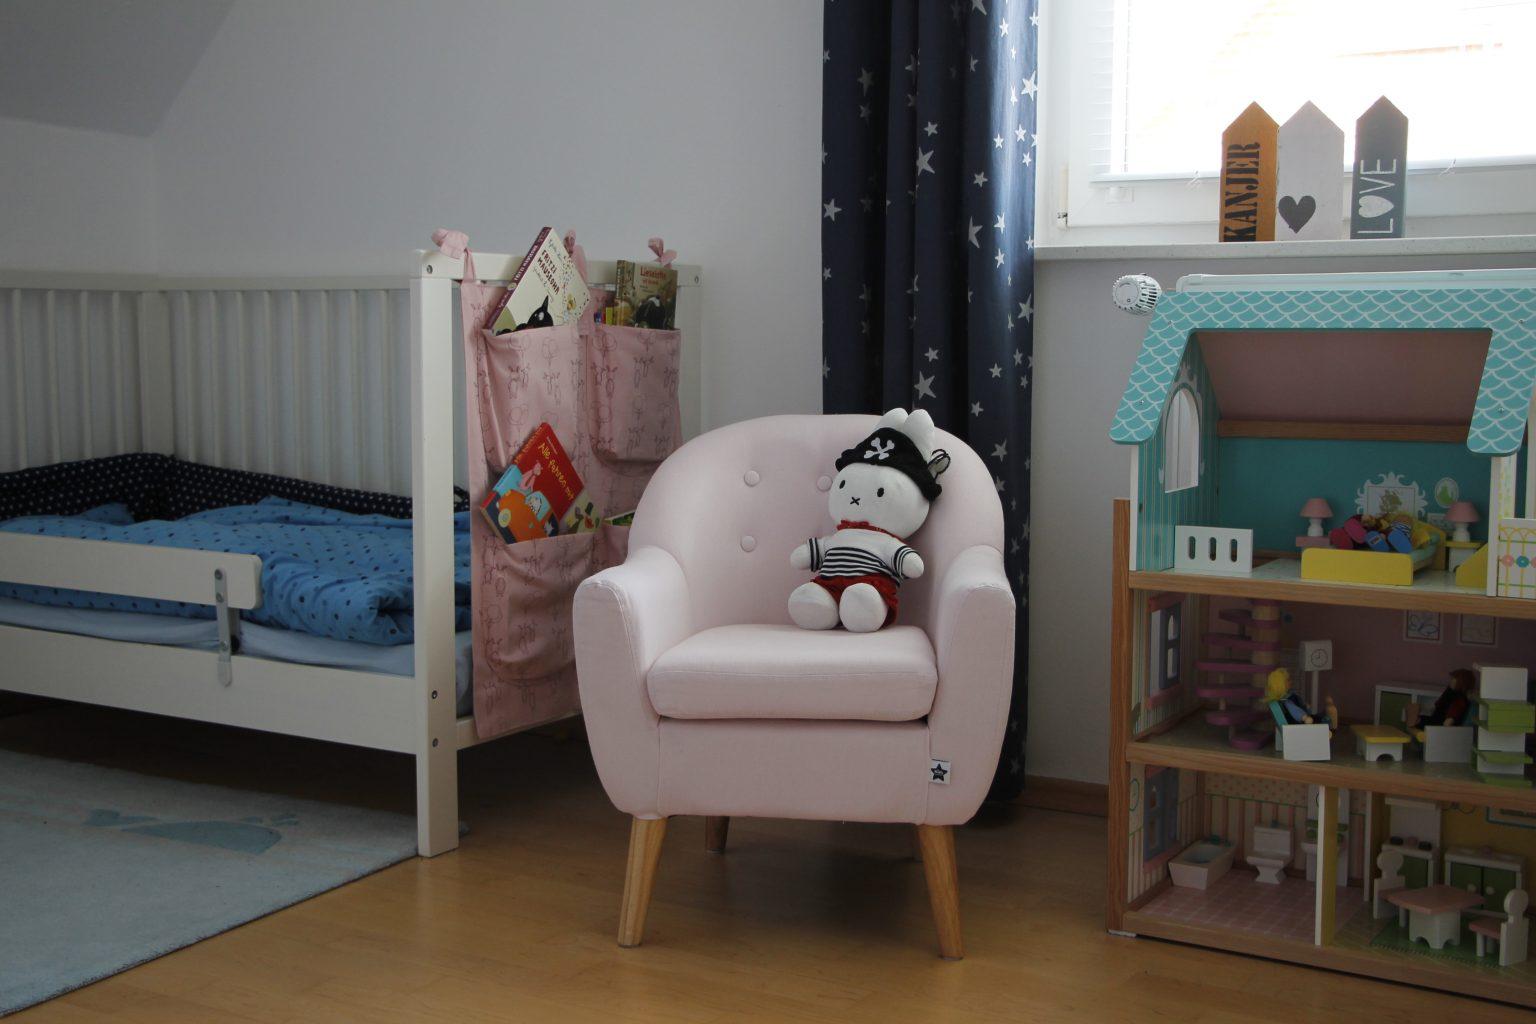 kinderzimmer kleine couch f r kinderzimmer kleine couch. Black Bedroom Furniture Sets. Home Design Ideas